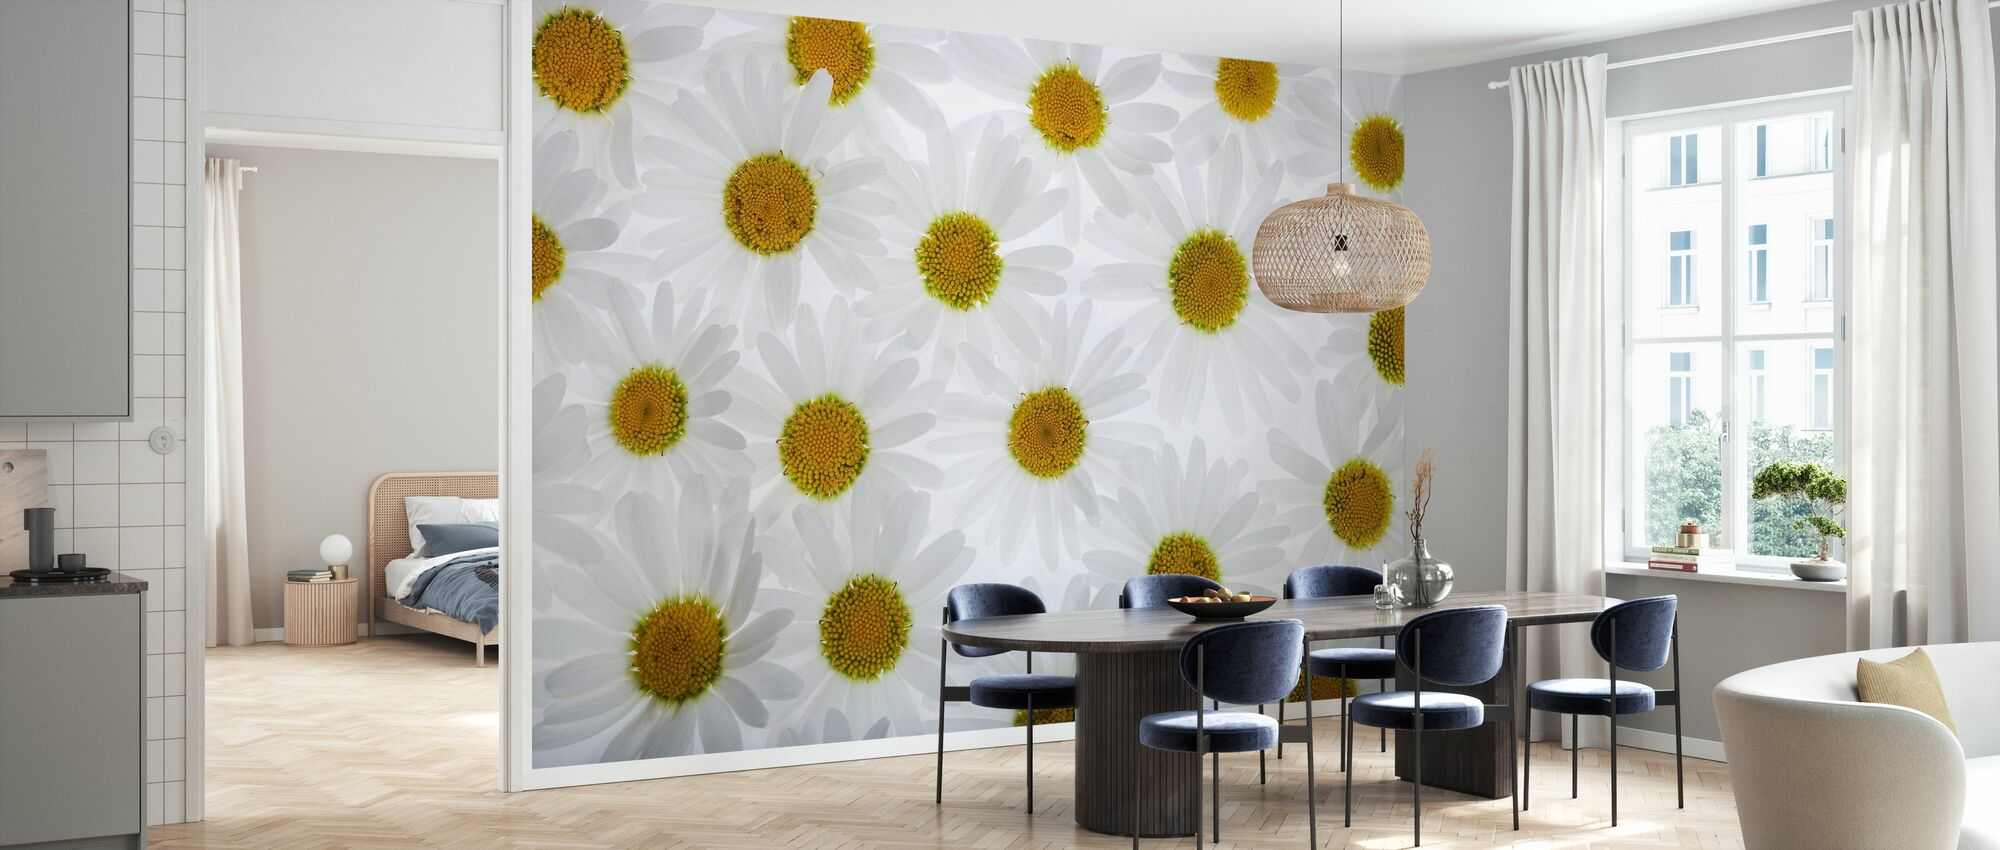 Floor of White Flowers - Wallpaper - Kitchen